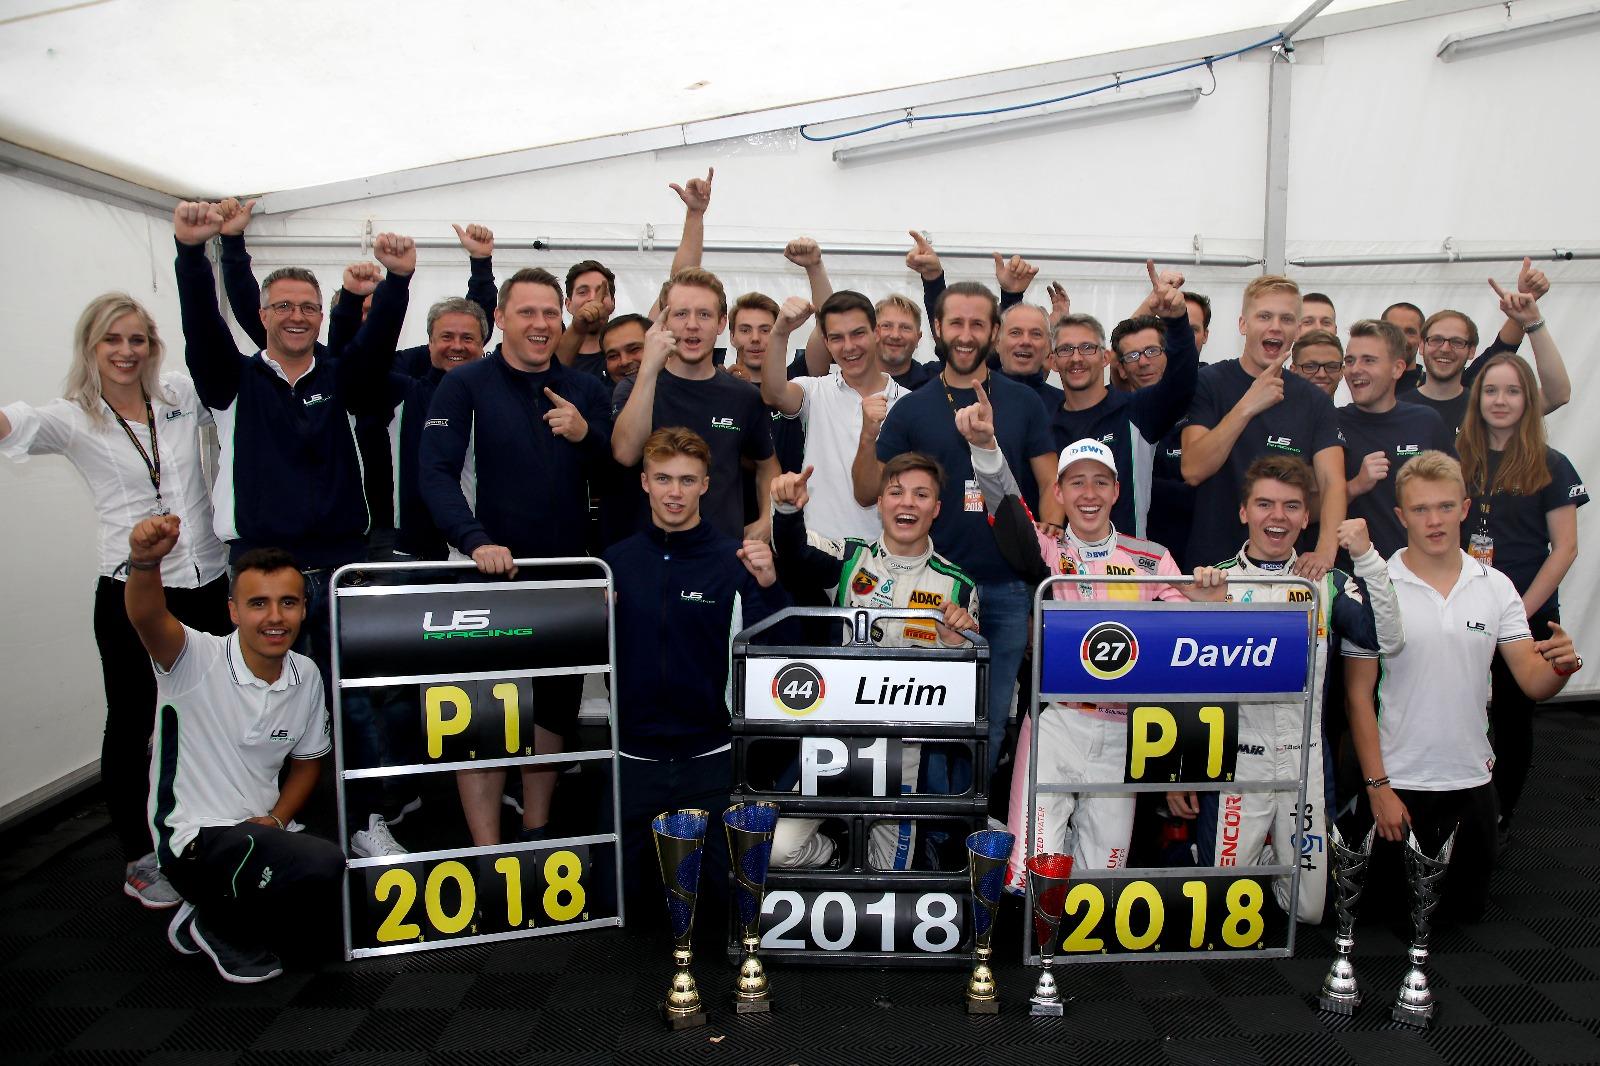 Famózní, parádní, dokonalé!  Spolupráce Charouze a Schumachera přinesla tři tituly!